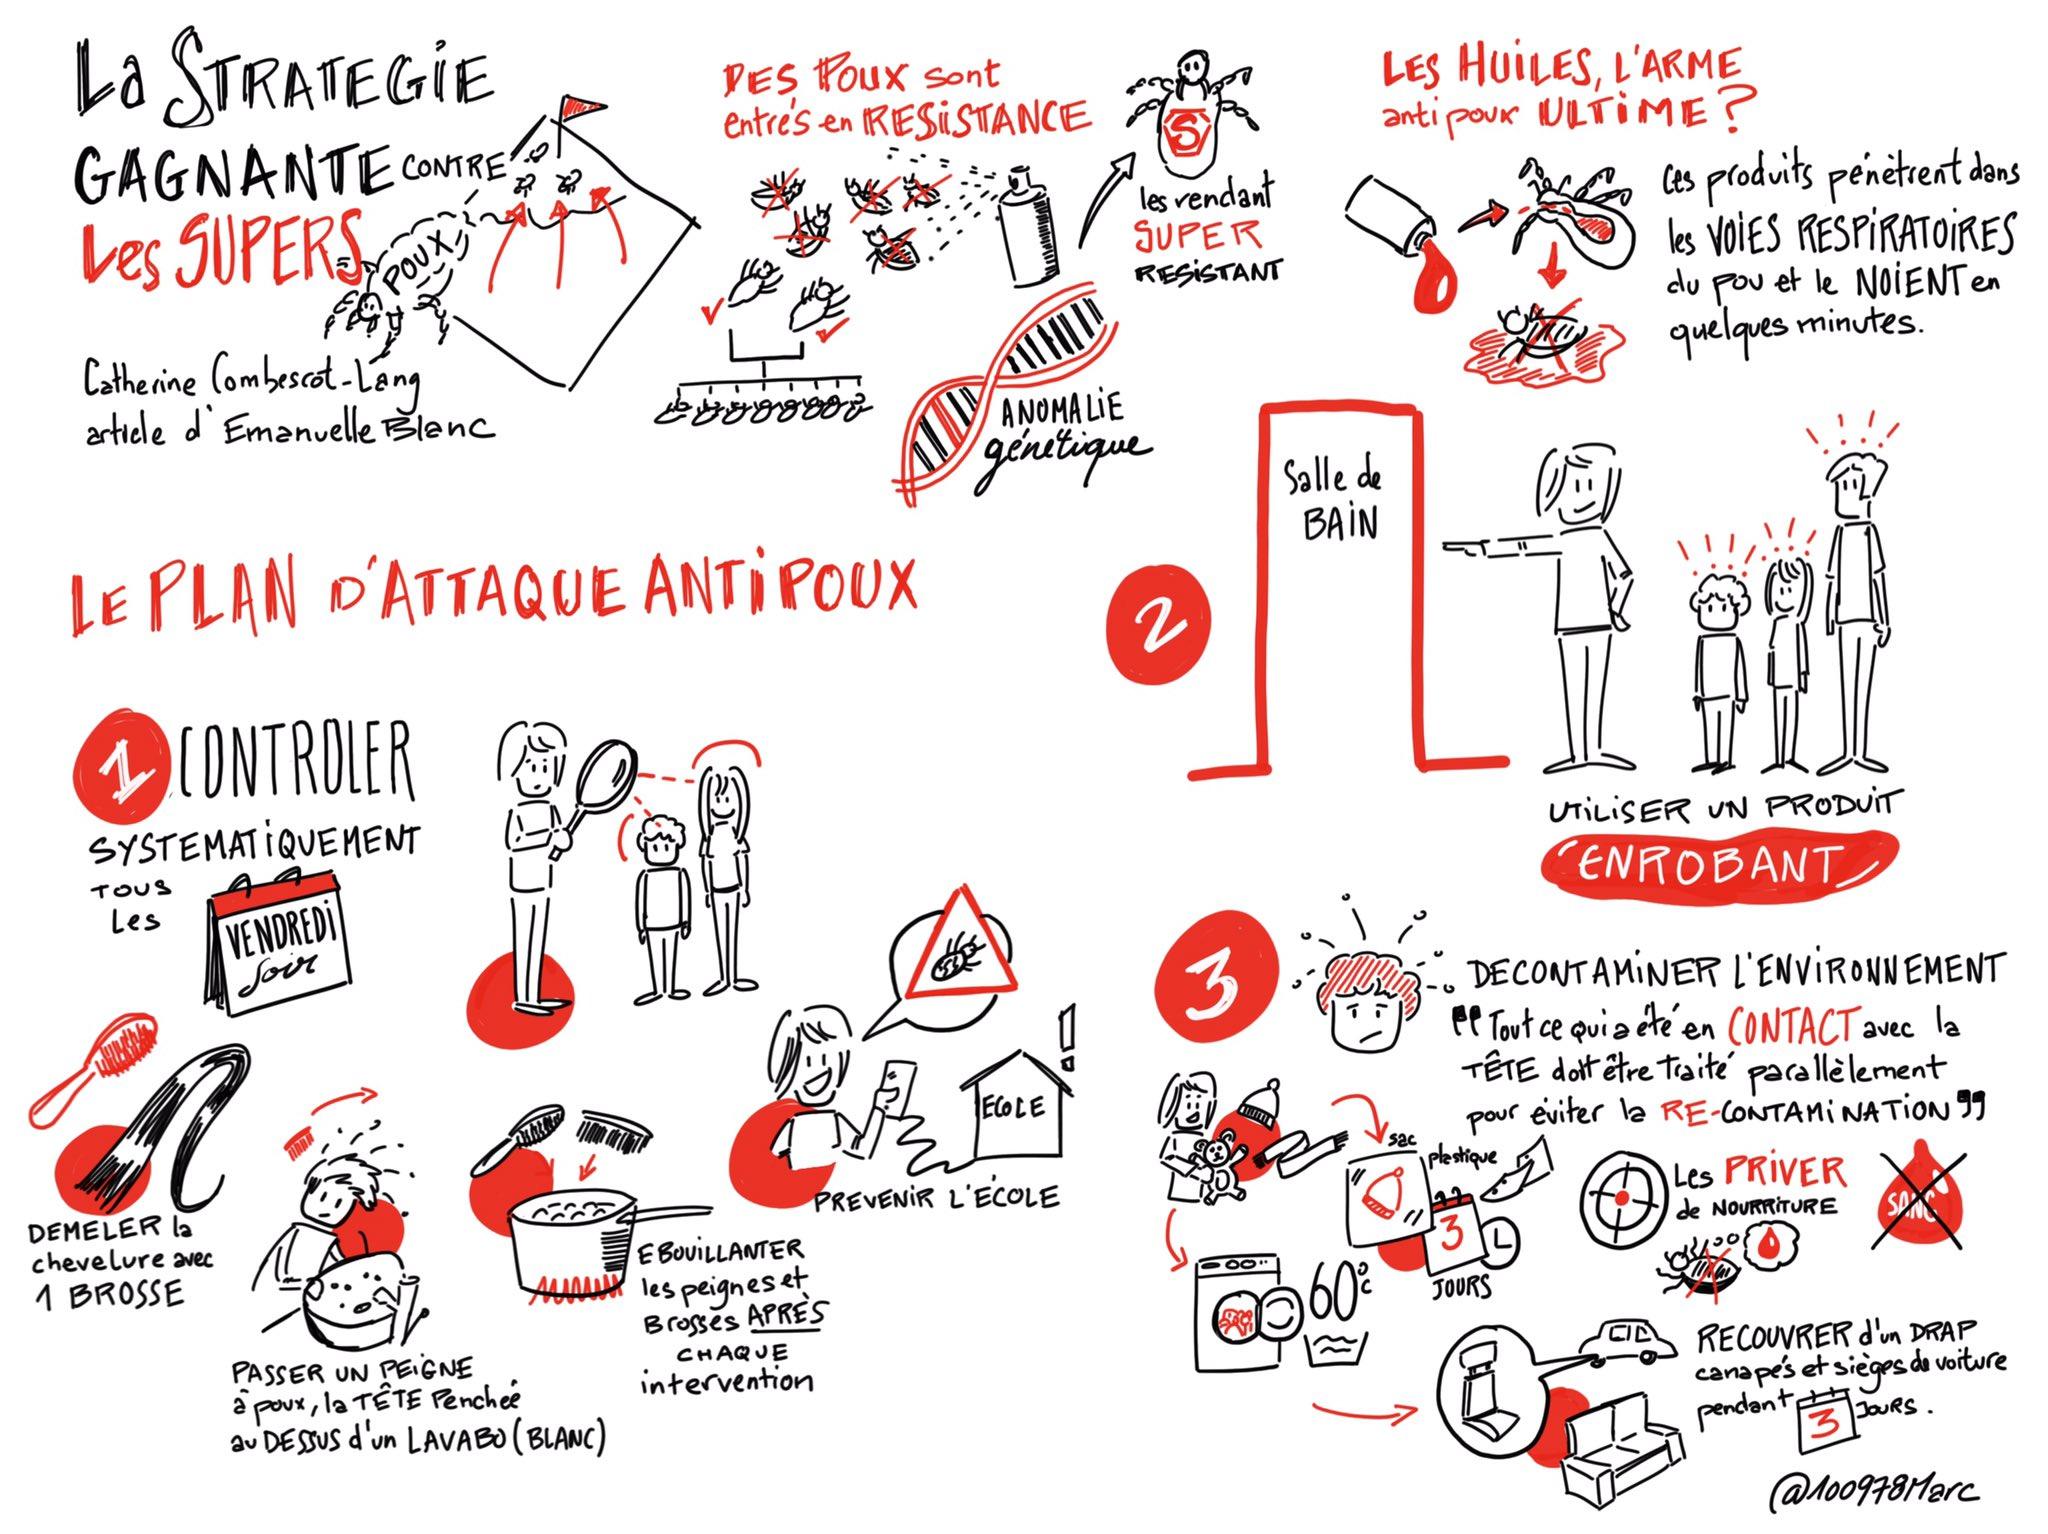 La stratégie gagnante contre les super poux en #sketchnote basé sur l'article de @Telepoche #todaysdoodle https://t.co/YQS0TMpWO8